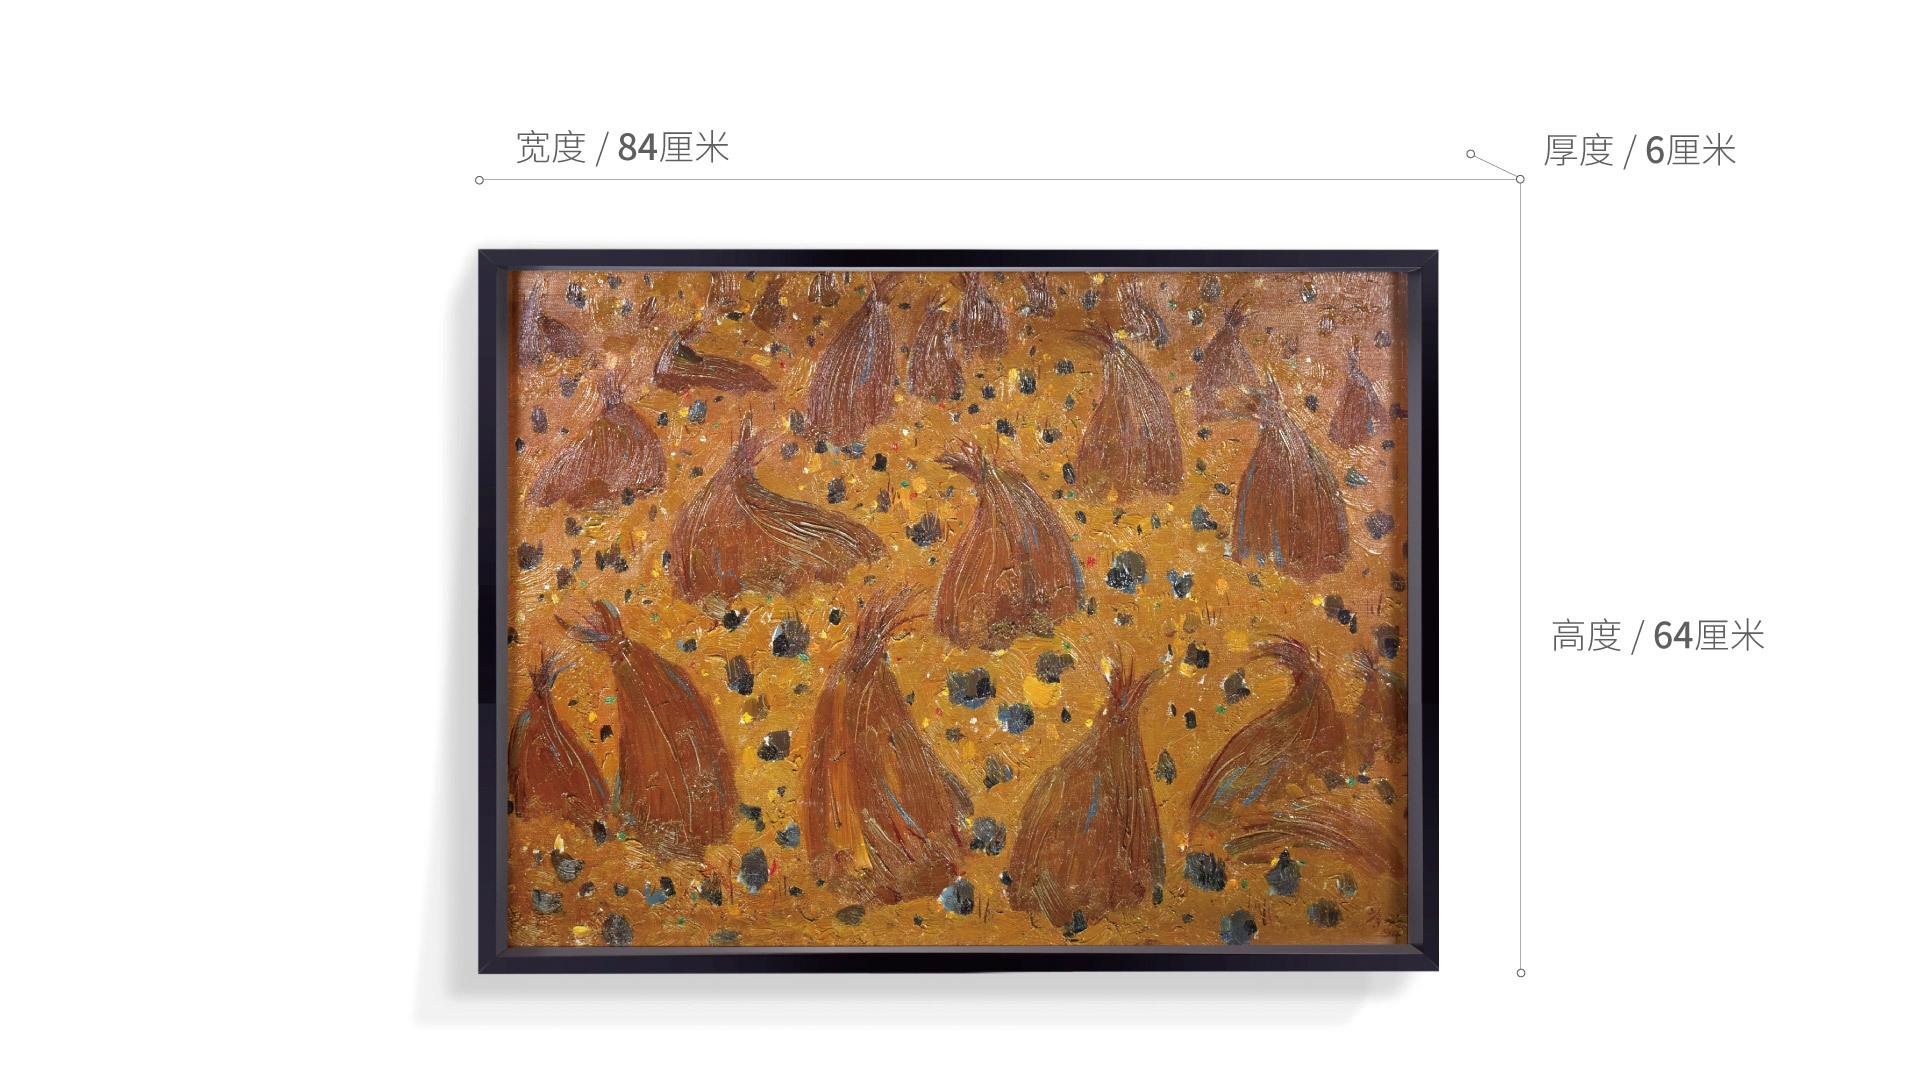 吴冠中系列版画-自然田装饰效果图